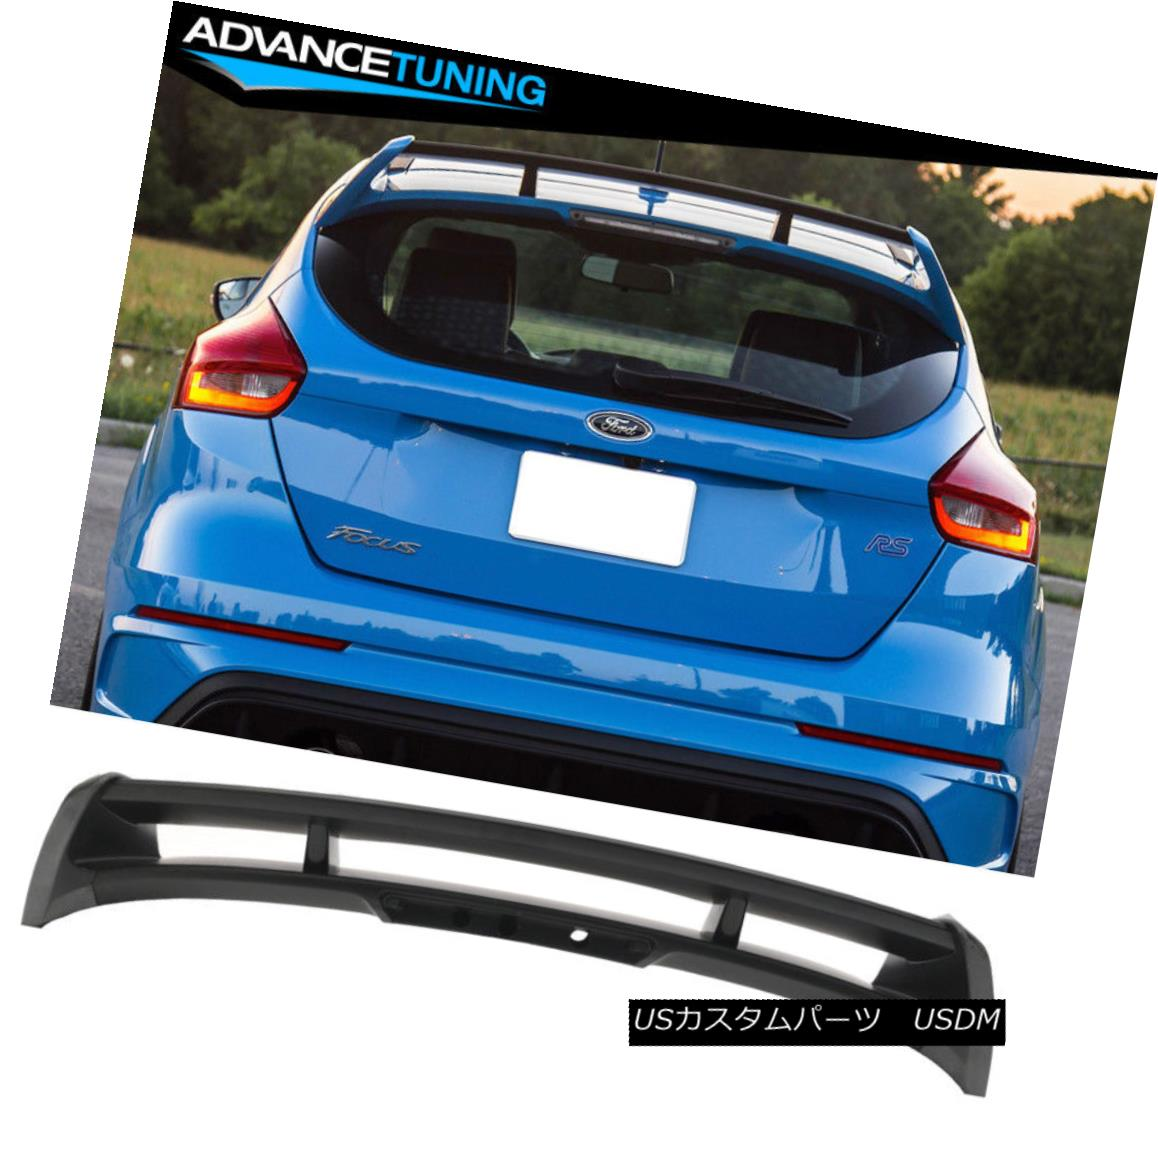 エアロパーツ Fits 12-18 Ford Focus Hatchback HB 5Dr RS Style Roof Spoiler Wing -ABS フィット12-18フォードフォーカスハッチバックHB 5Dr RSスタイルルーフスポイラーウィング?ABS